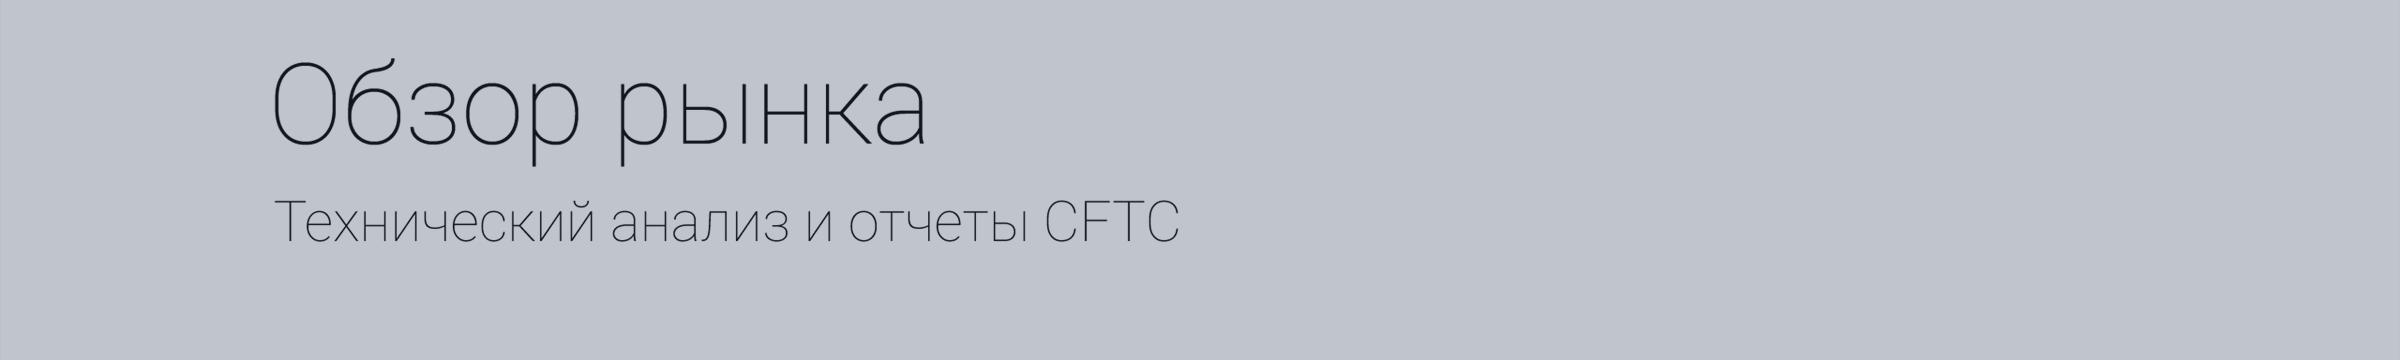 Еженедельный обзор финансовых рынков. Технический анализ и отчеты CFTC (16 - 22 мая)